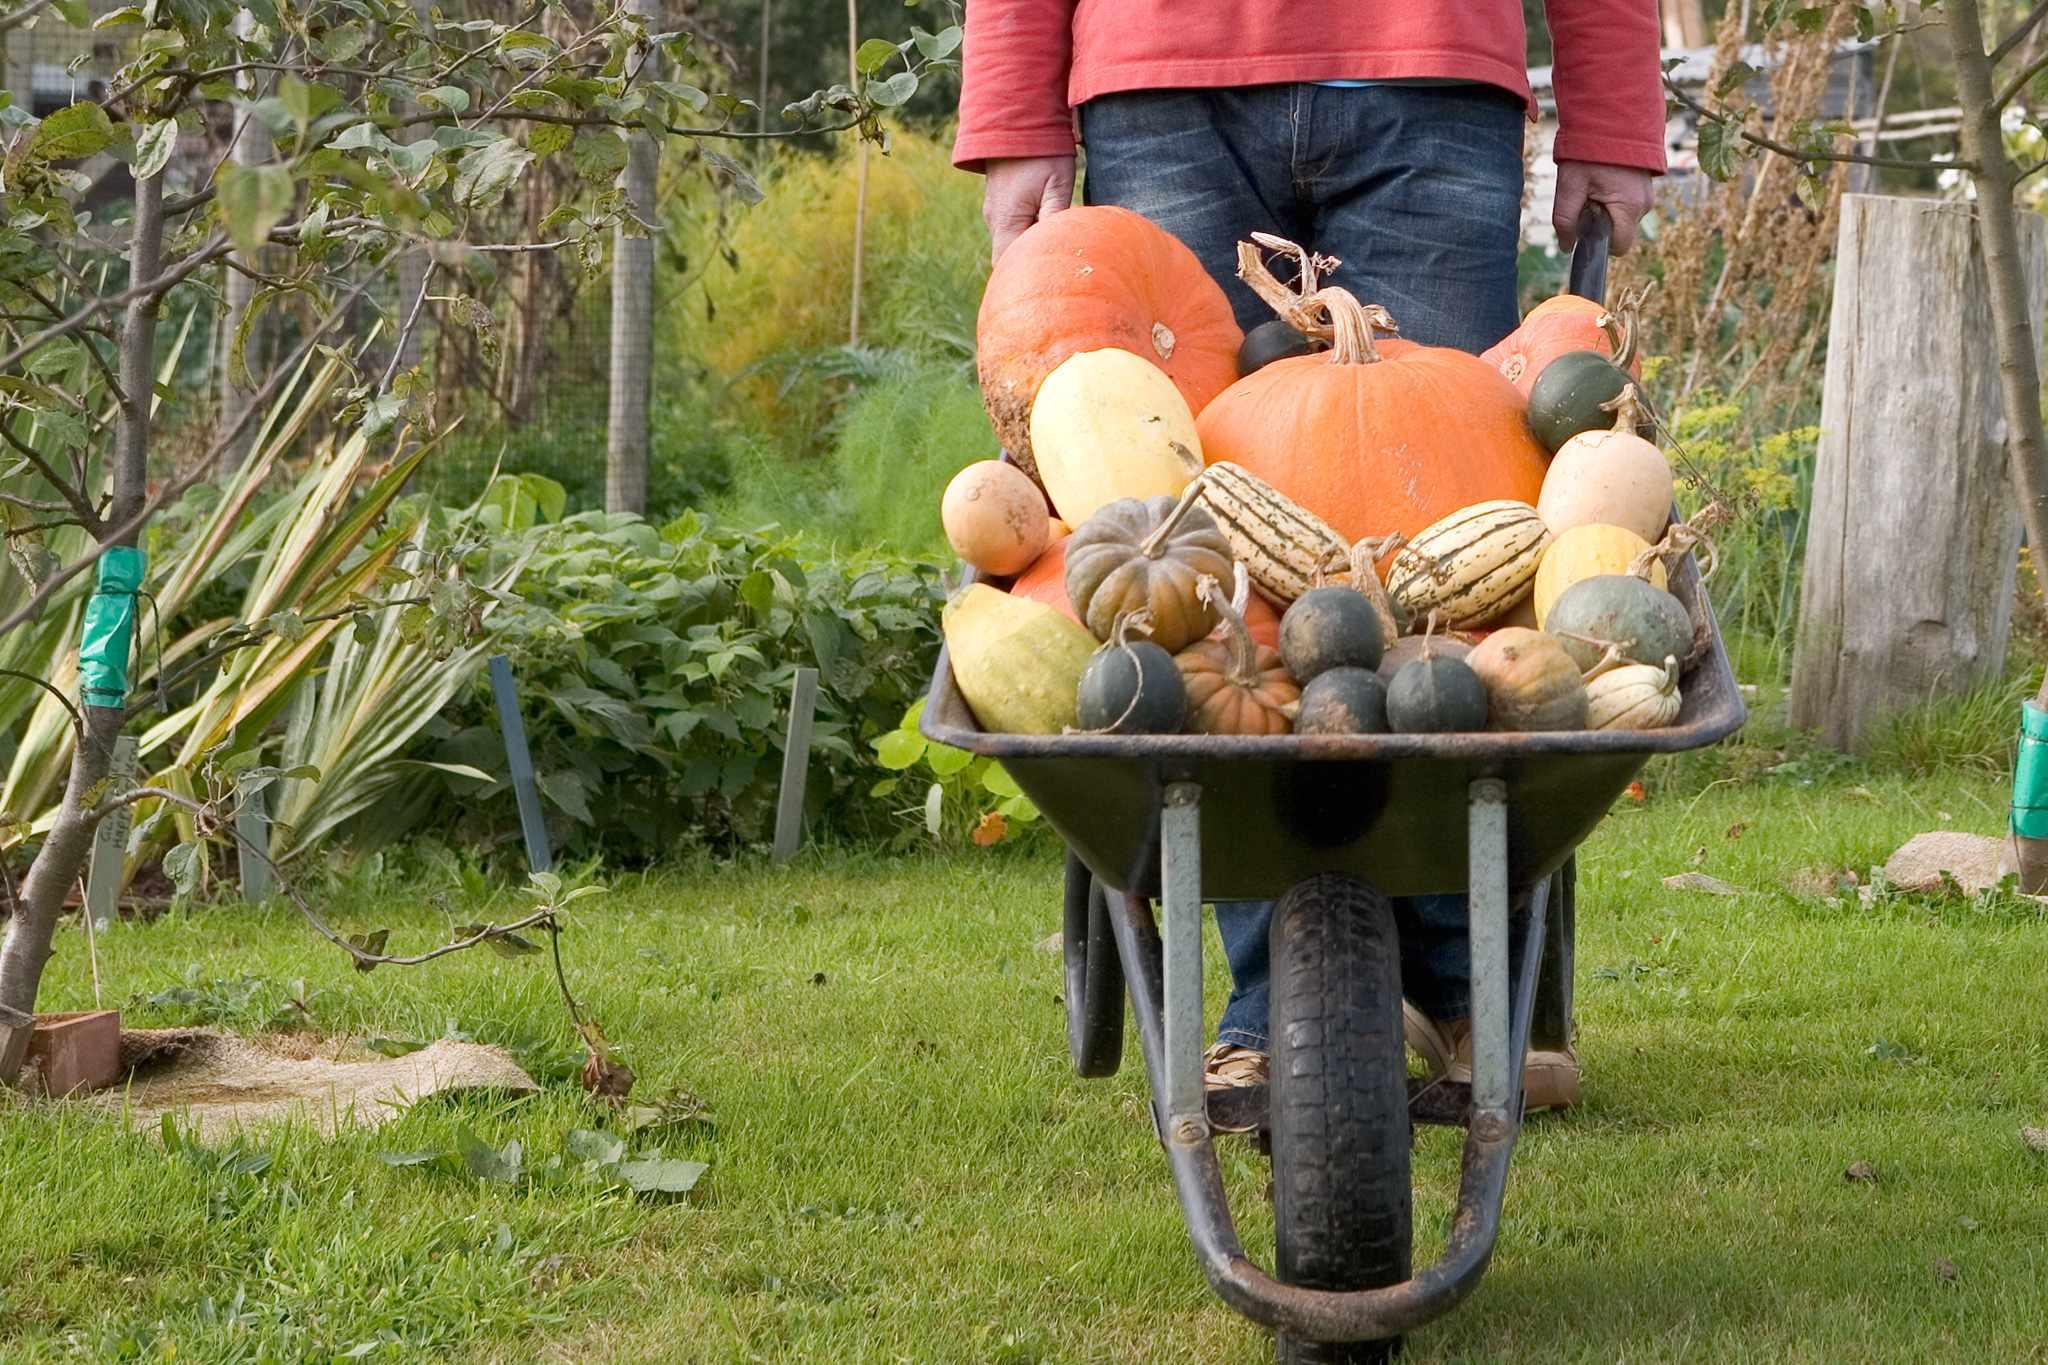 Crop of pumpkins